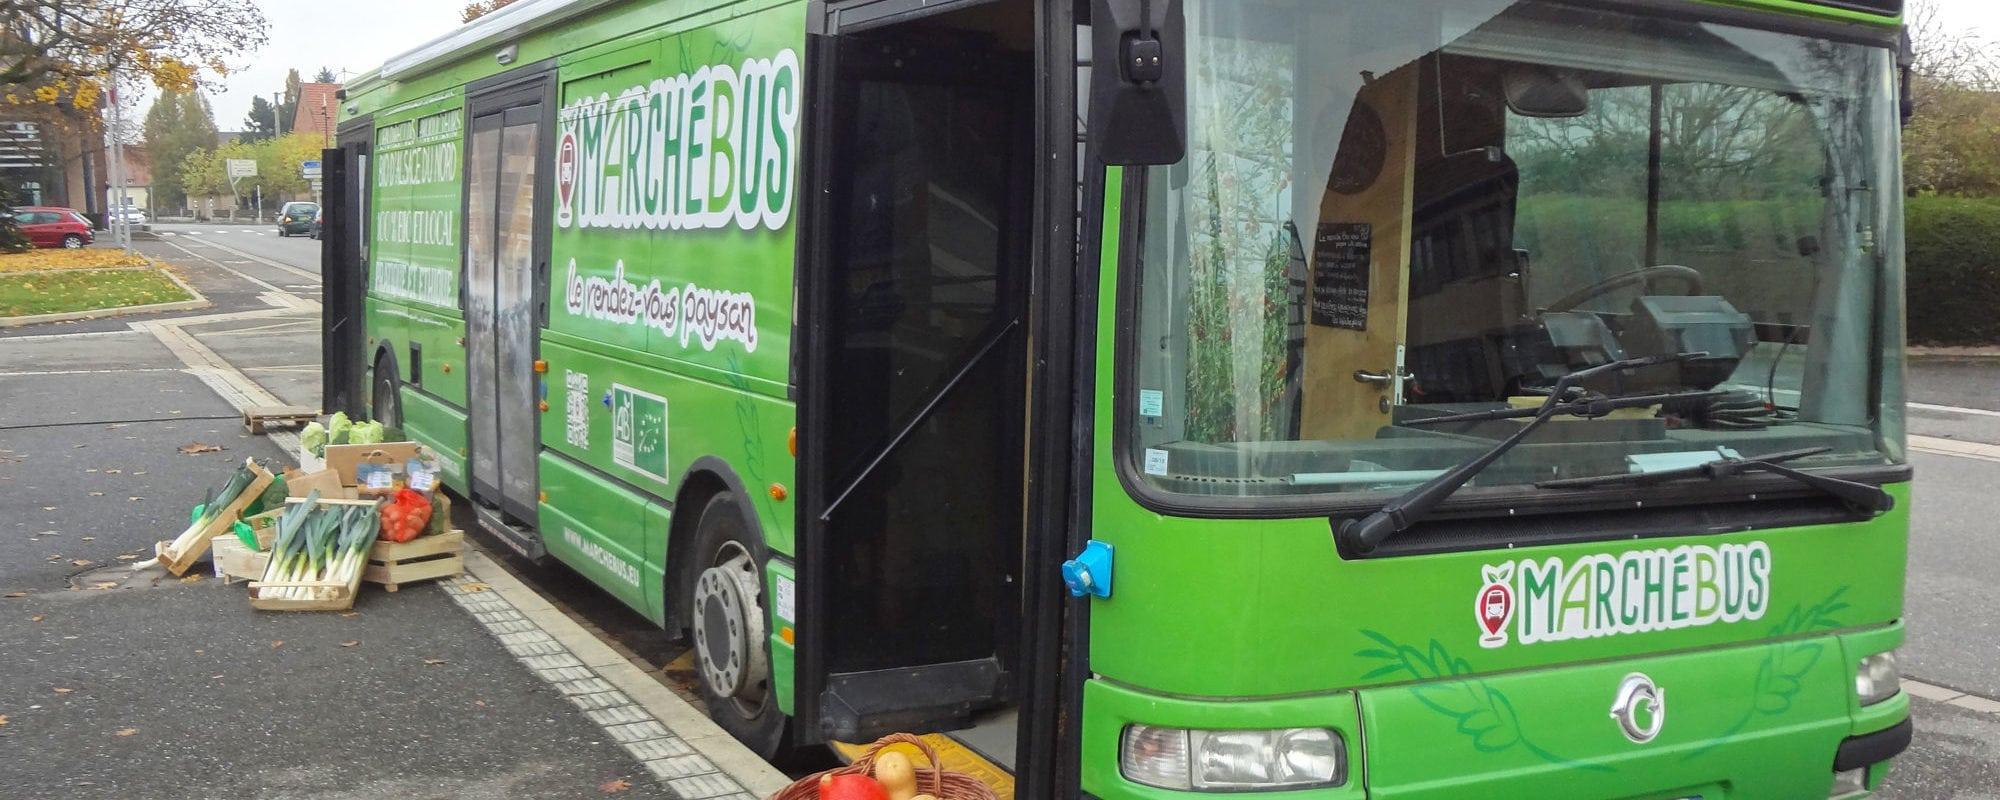 Le Marchébus, une fragile épicerie ambulante et bio en Alsace du Nord